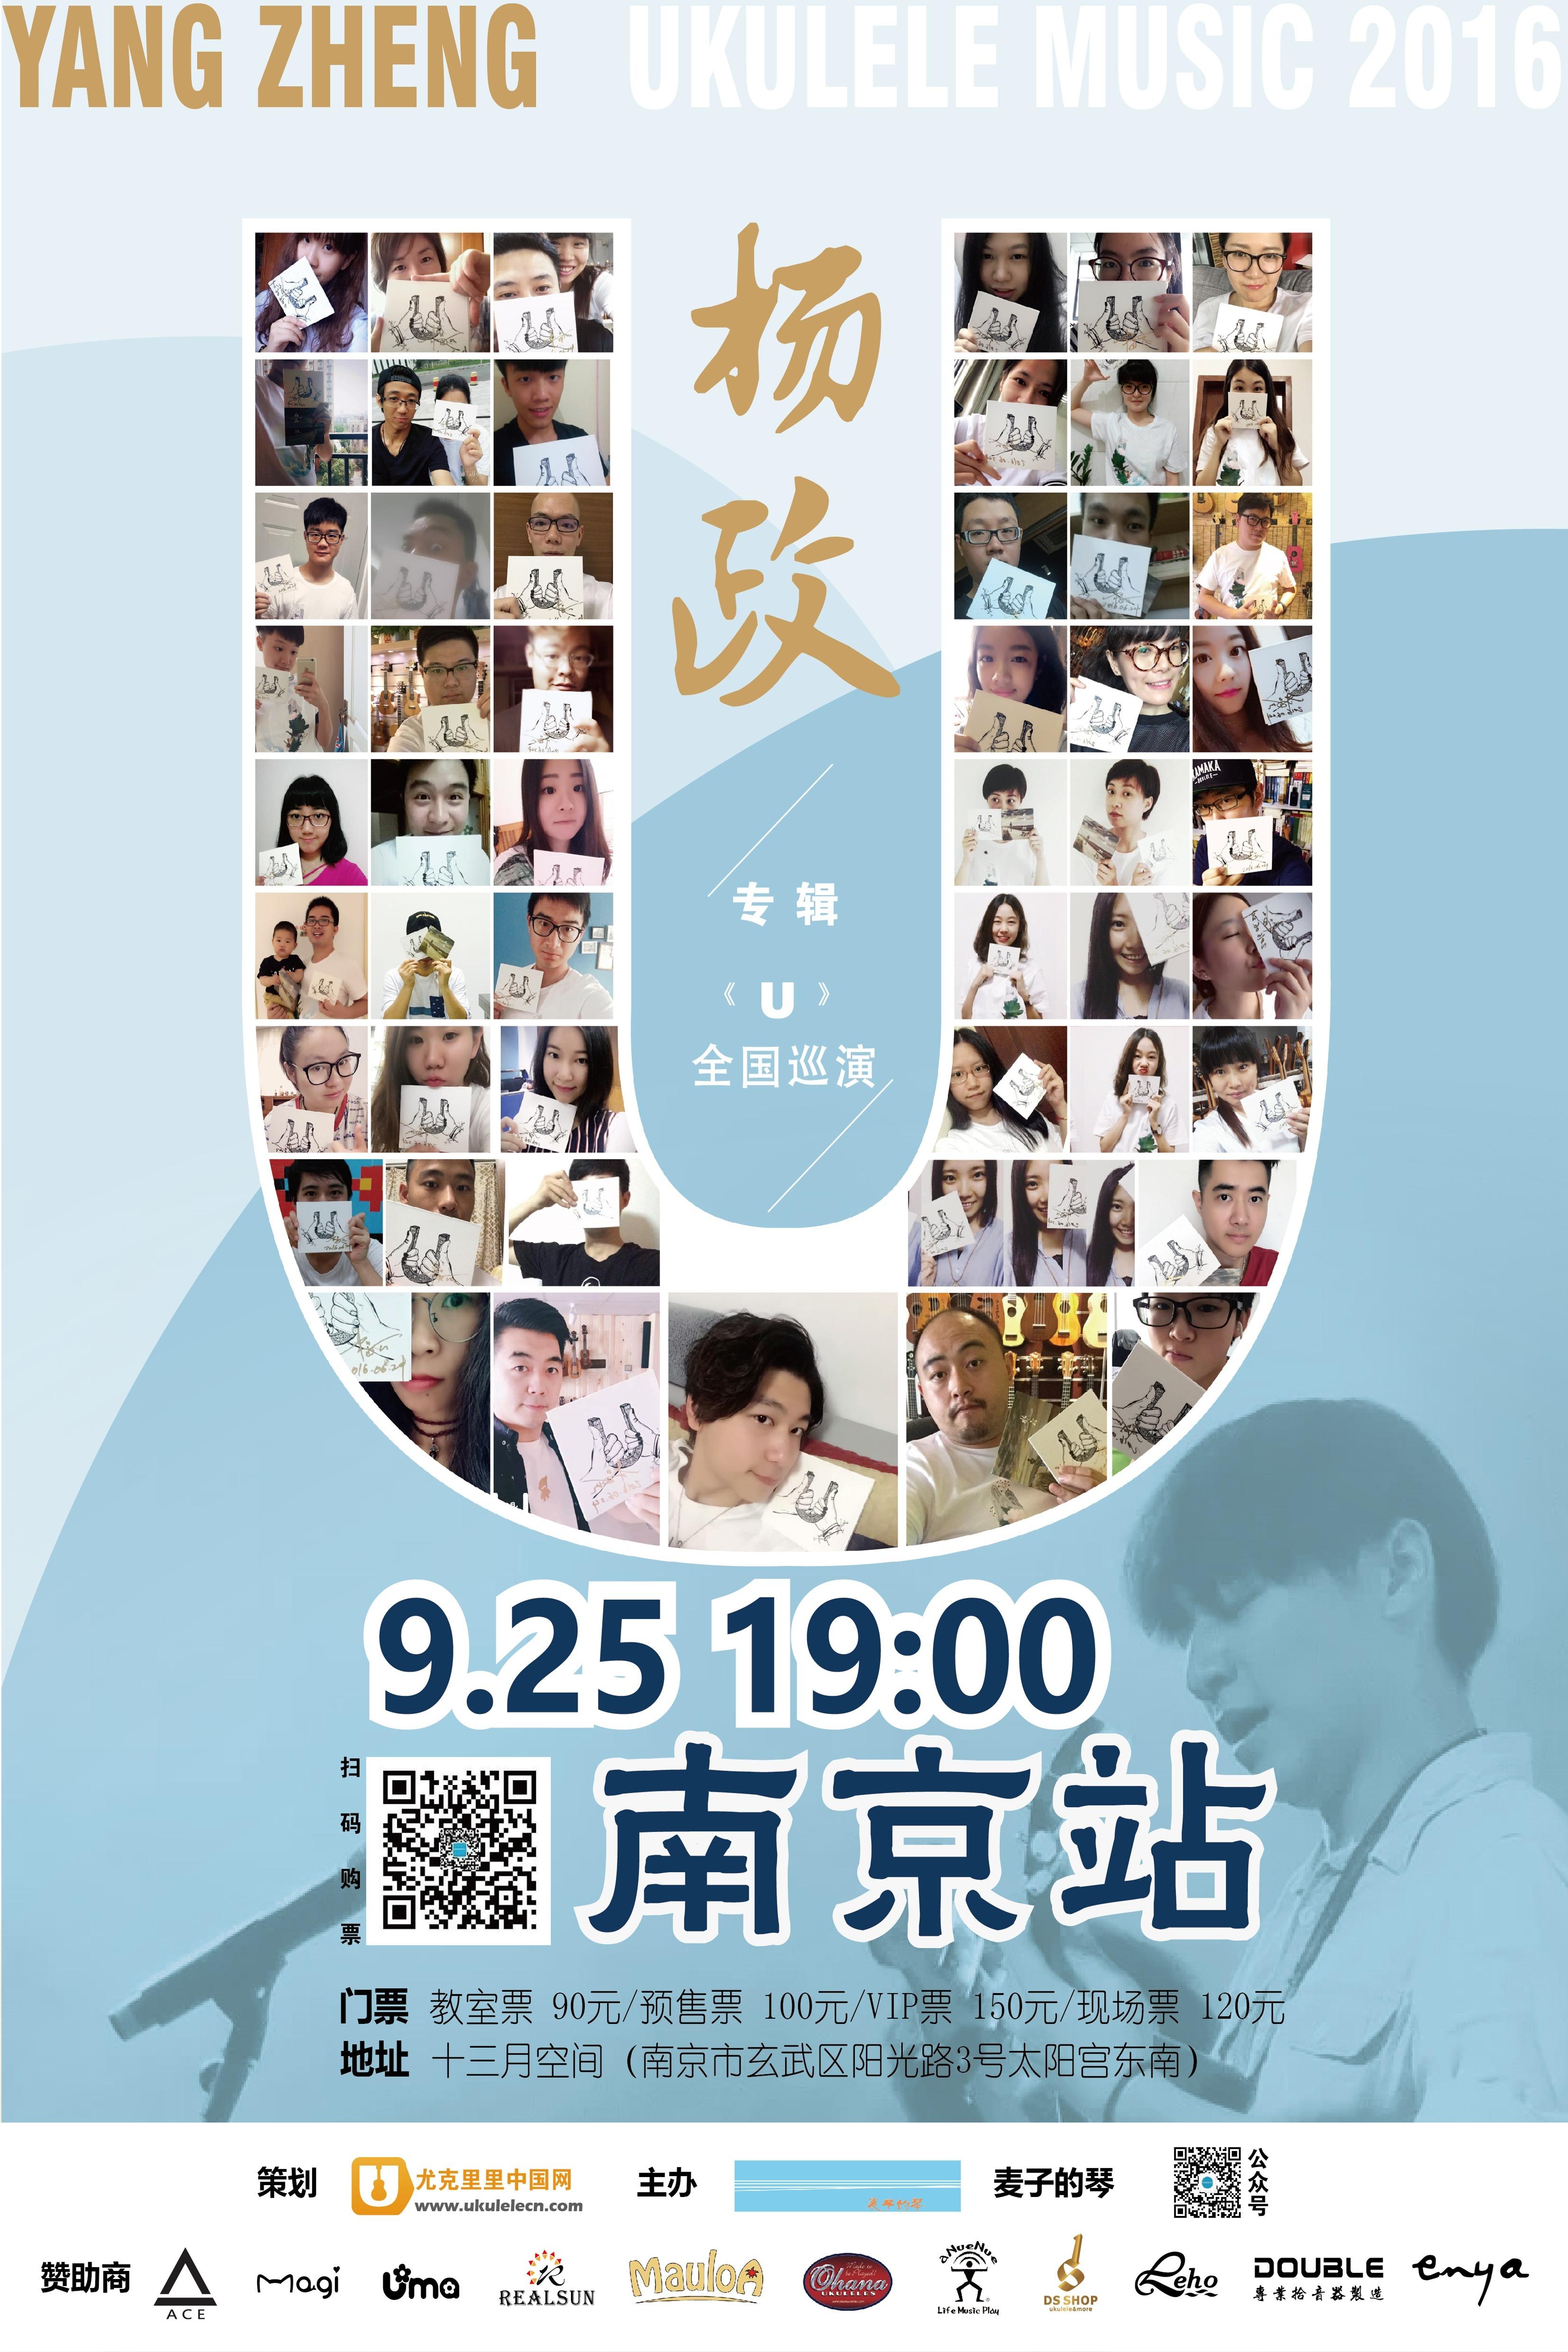 2016杨政《U》全国巡演南京站开票